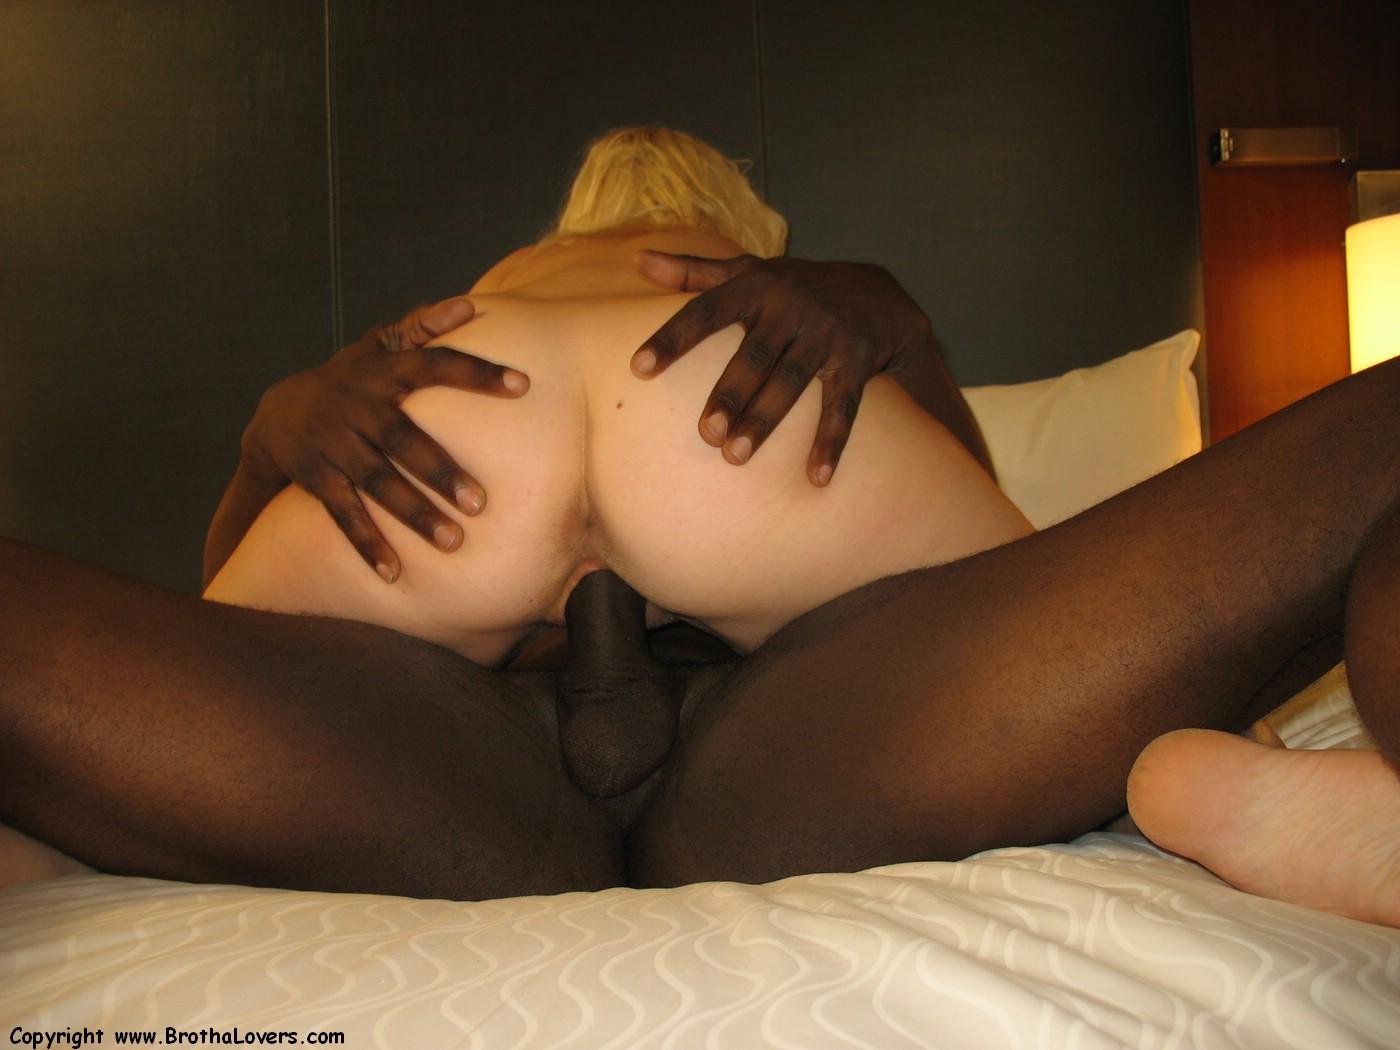 L love interracial